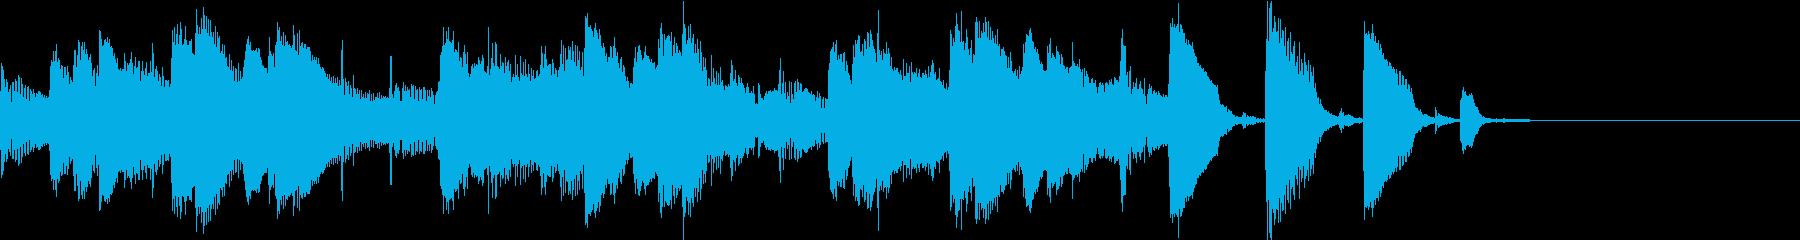 ほのぼのかわいらしいピアノトリオのBGMの再生済みの波形